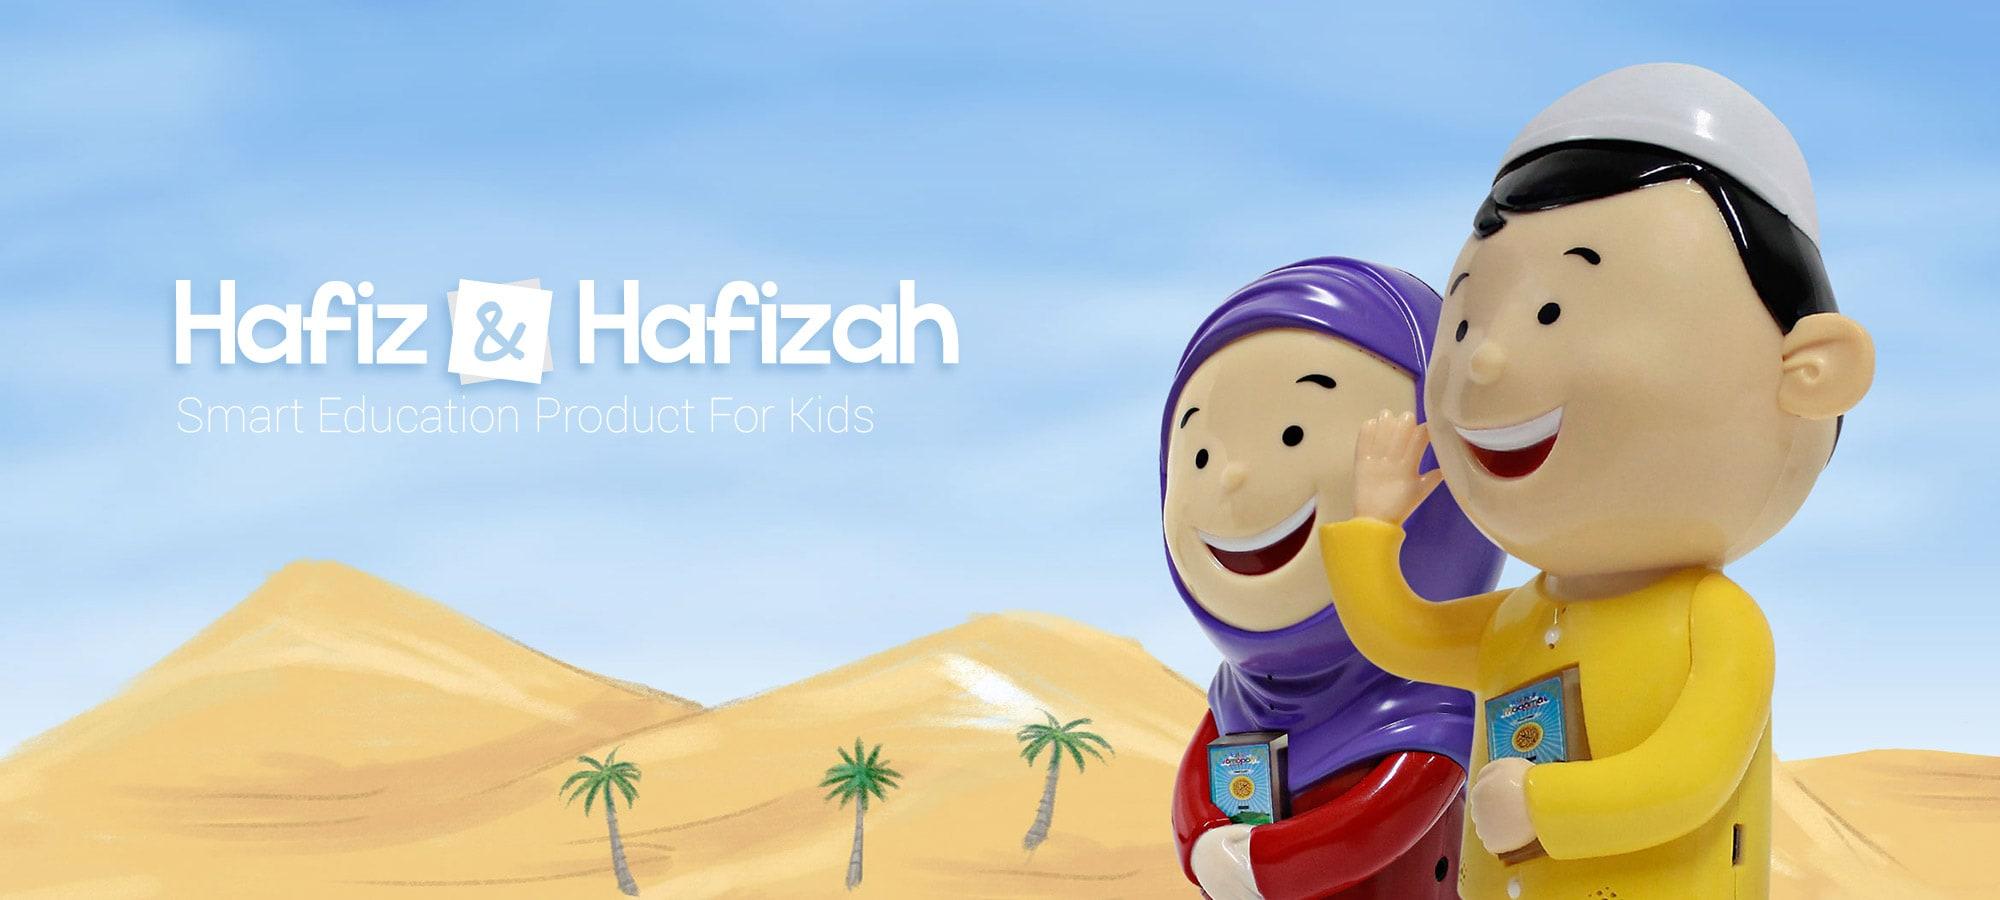 Hafiz-Hafizah-Talking-Doll